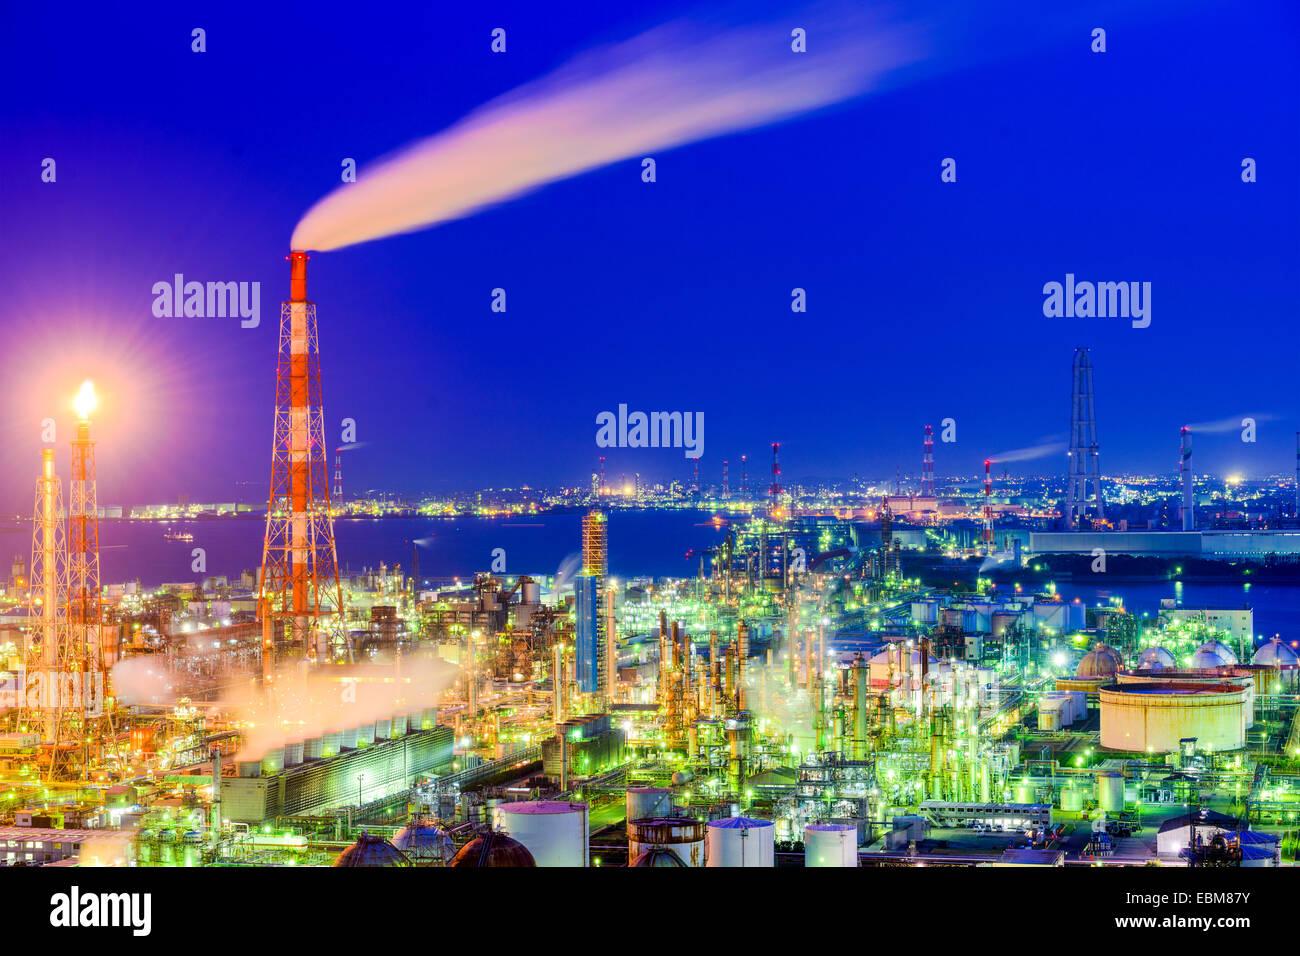 Chemieanlagen in Yokkaichi, Japan. Stockbild